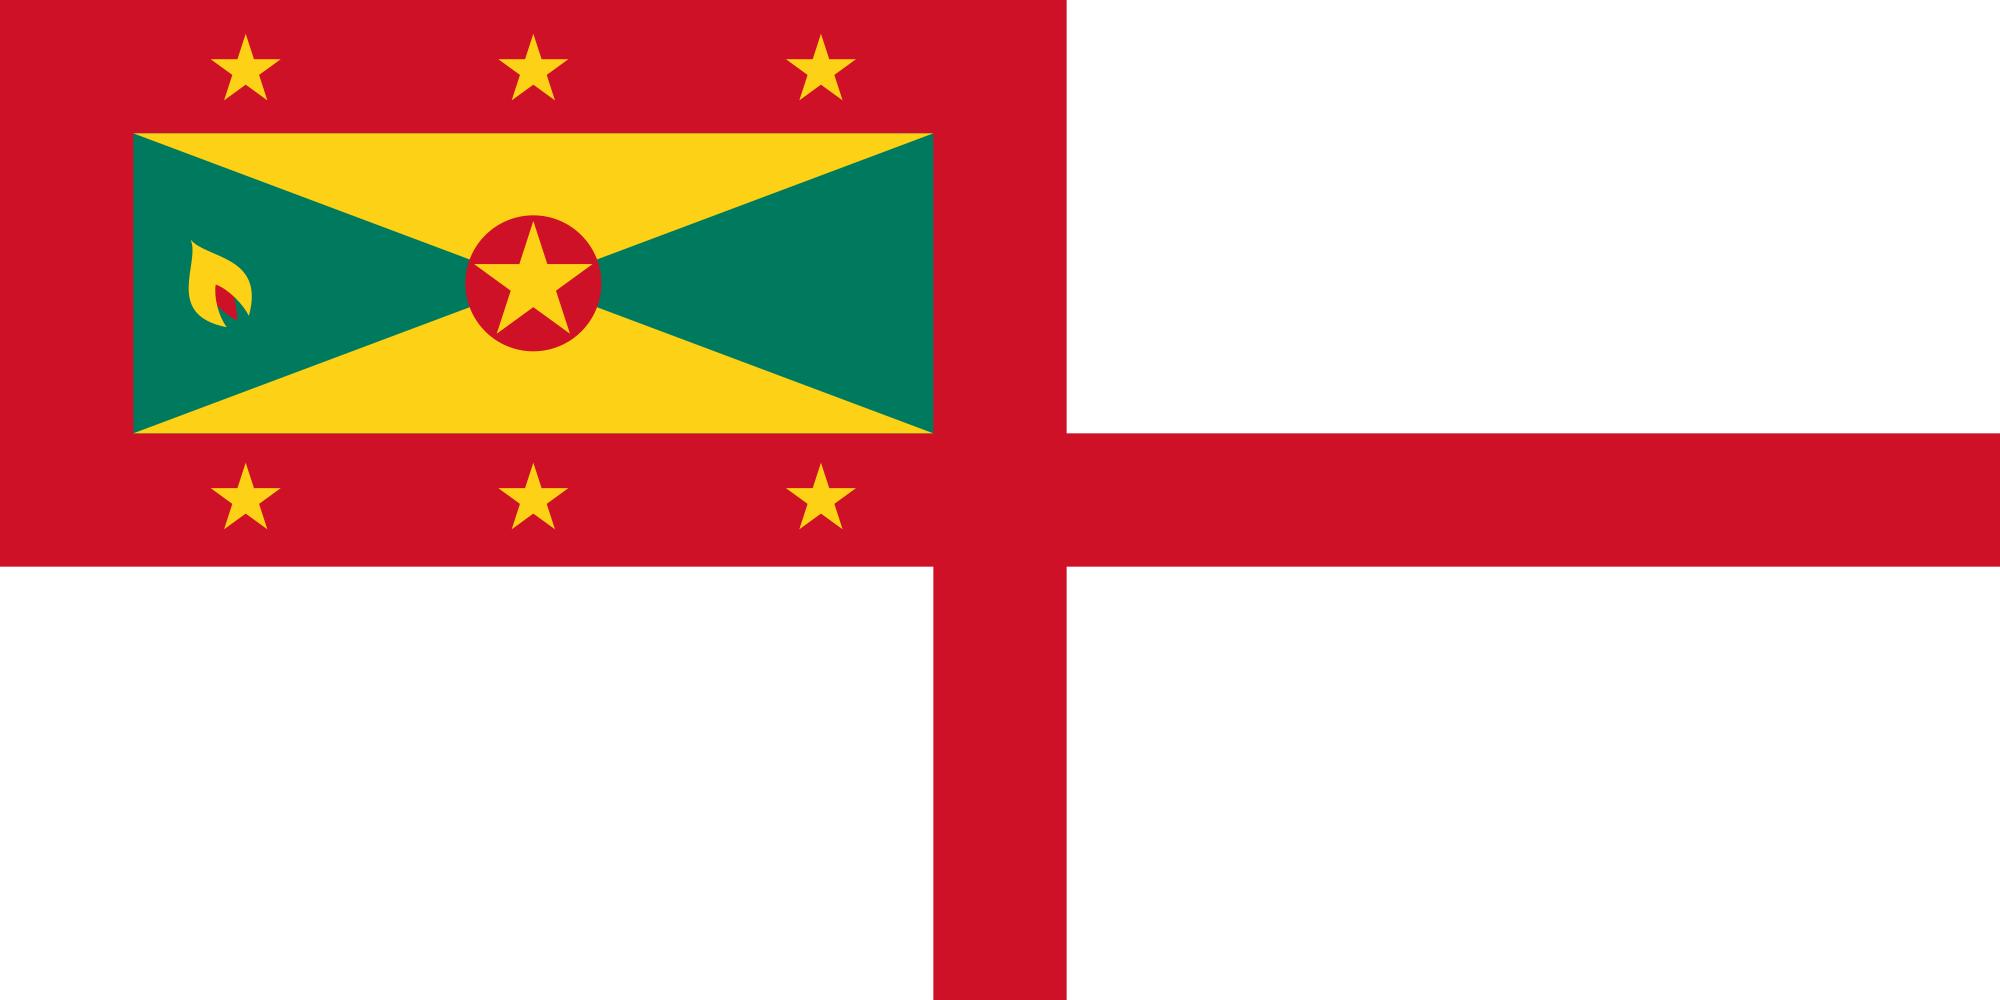 Grenada (Naval ensign)